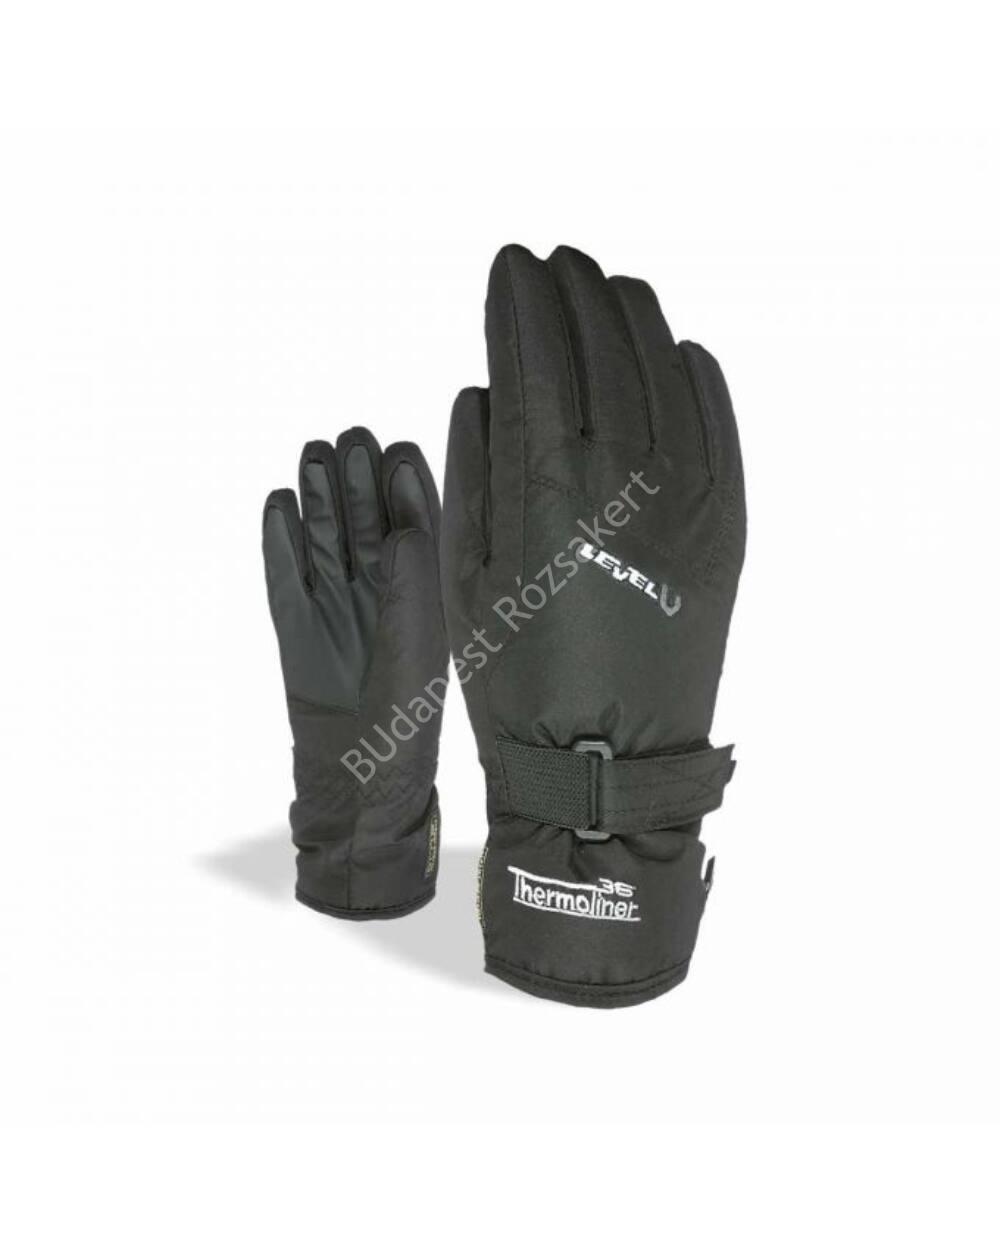 Level Glove junior síkesztyű, fekete, 5-6 éves